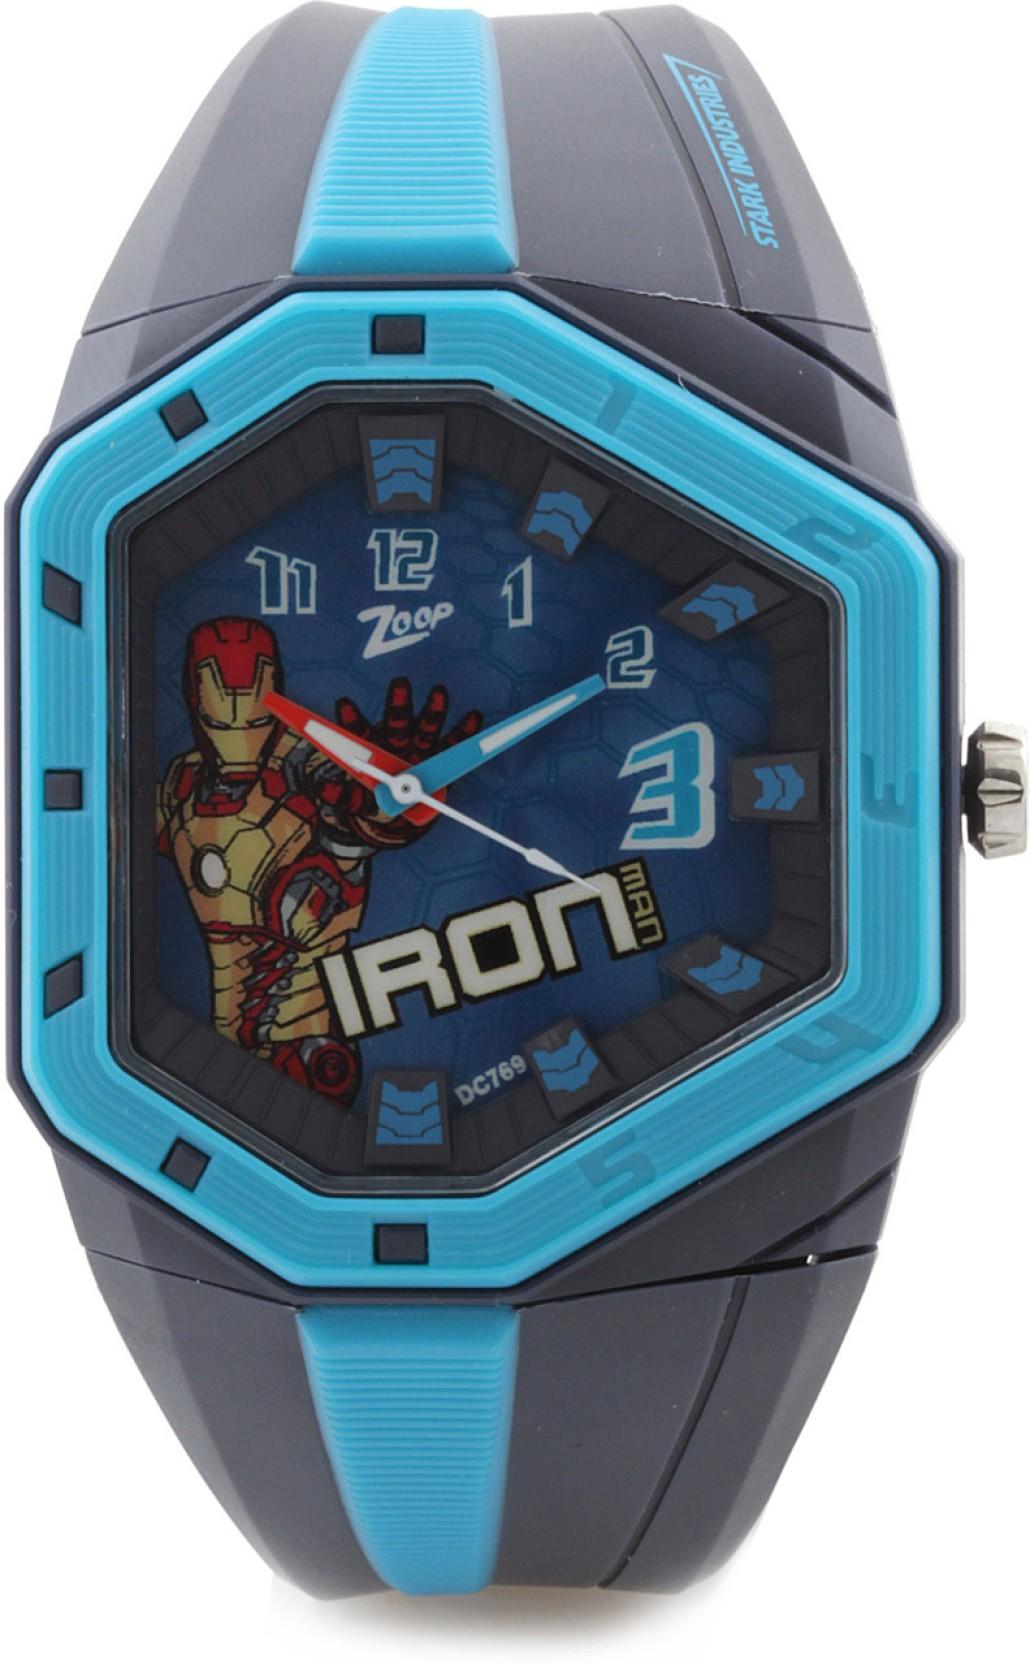 iron man 3 zoop watch � free download game